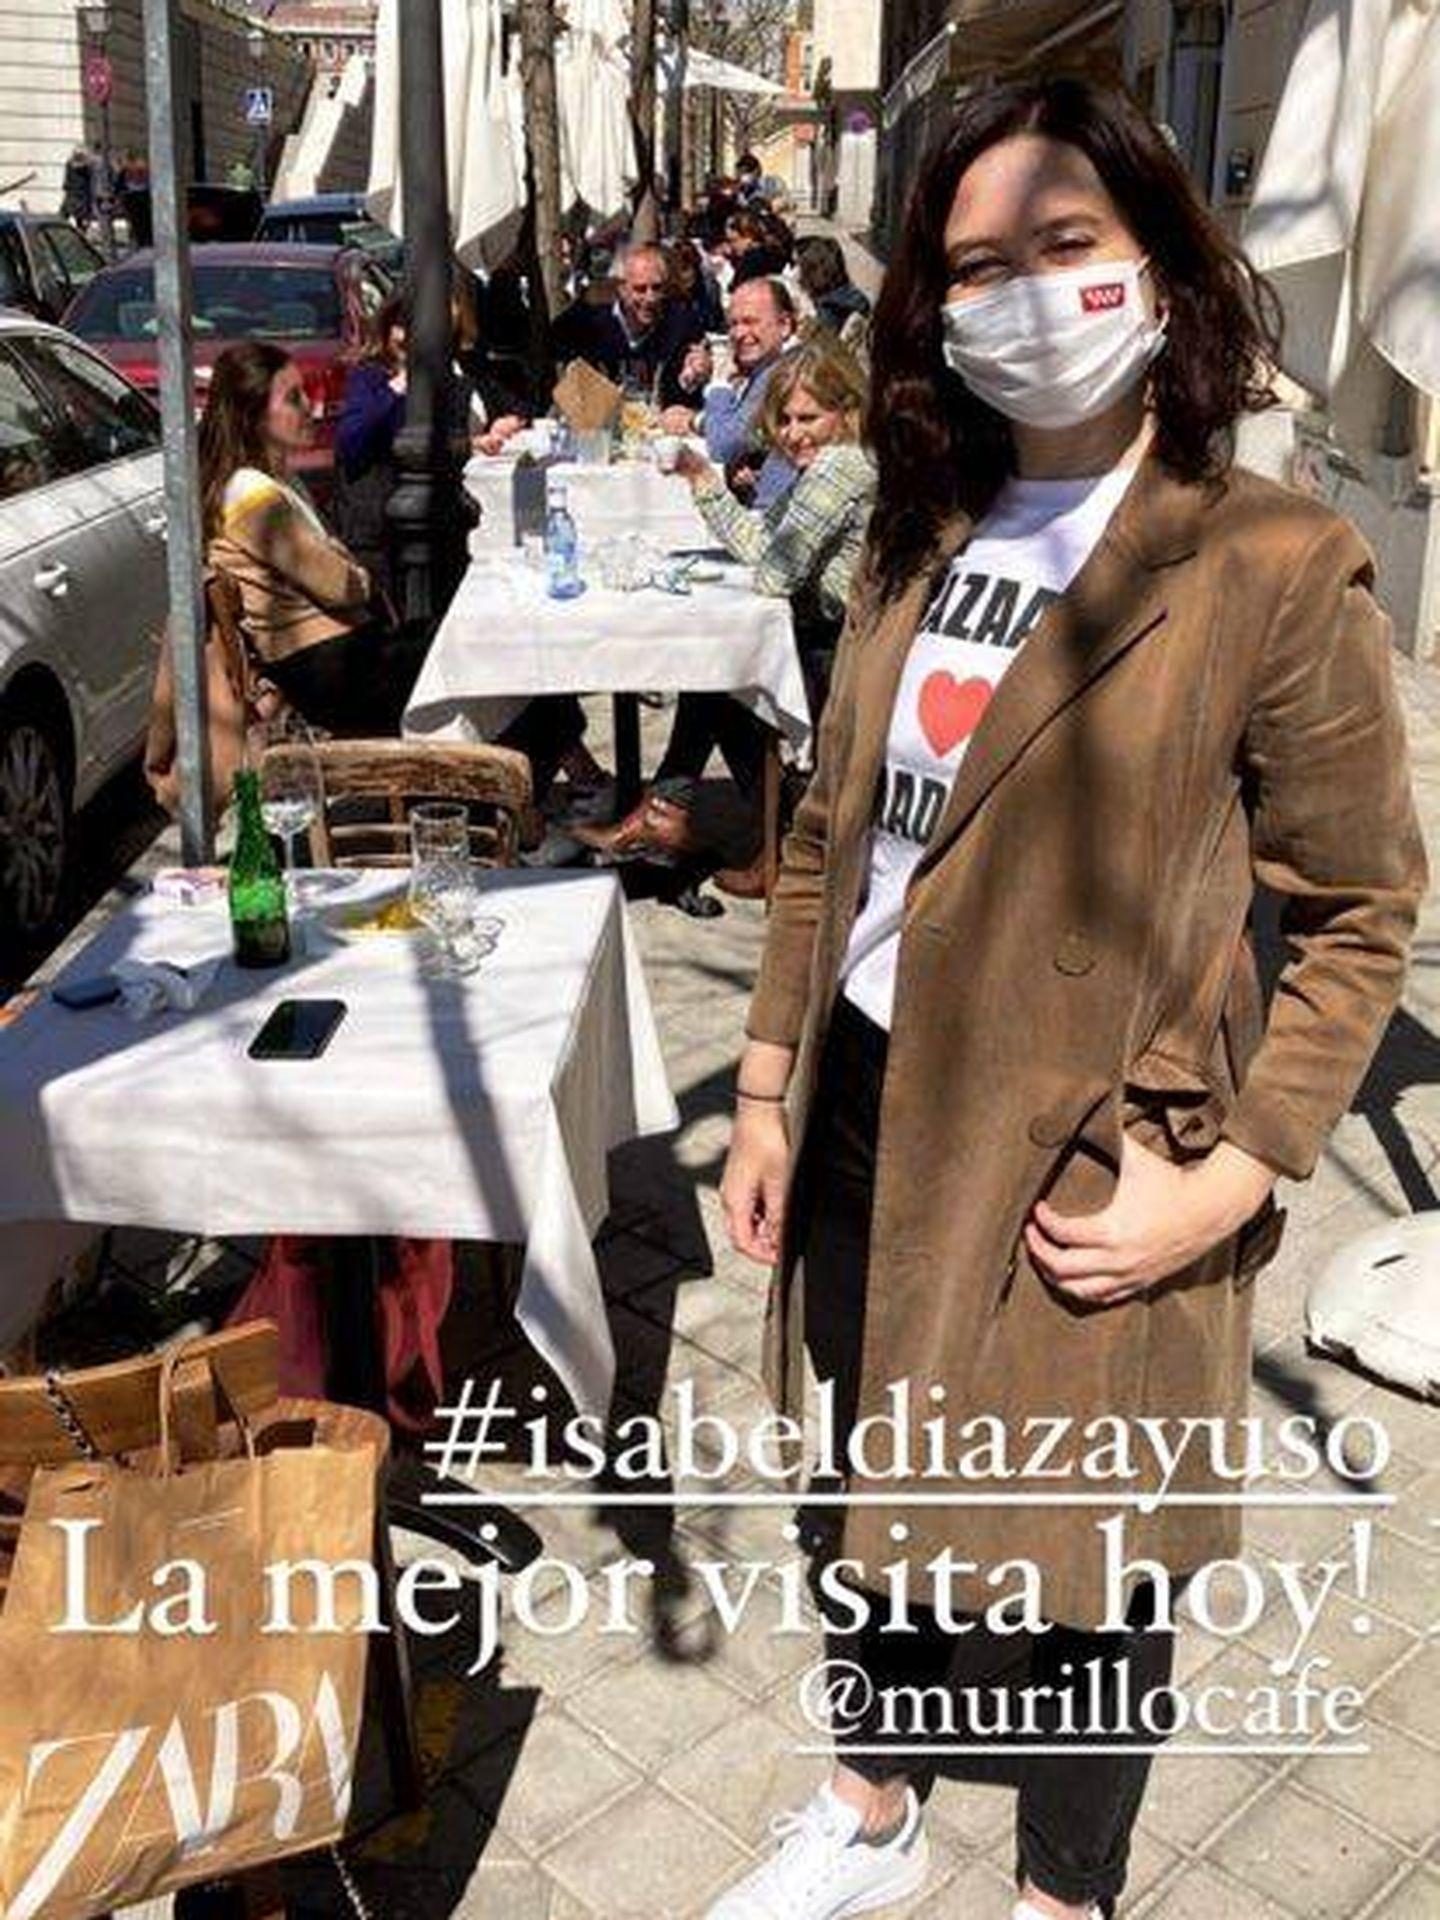 El look de Isabel Díaz Ayuso. (Redes)